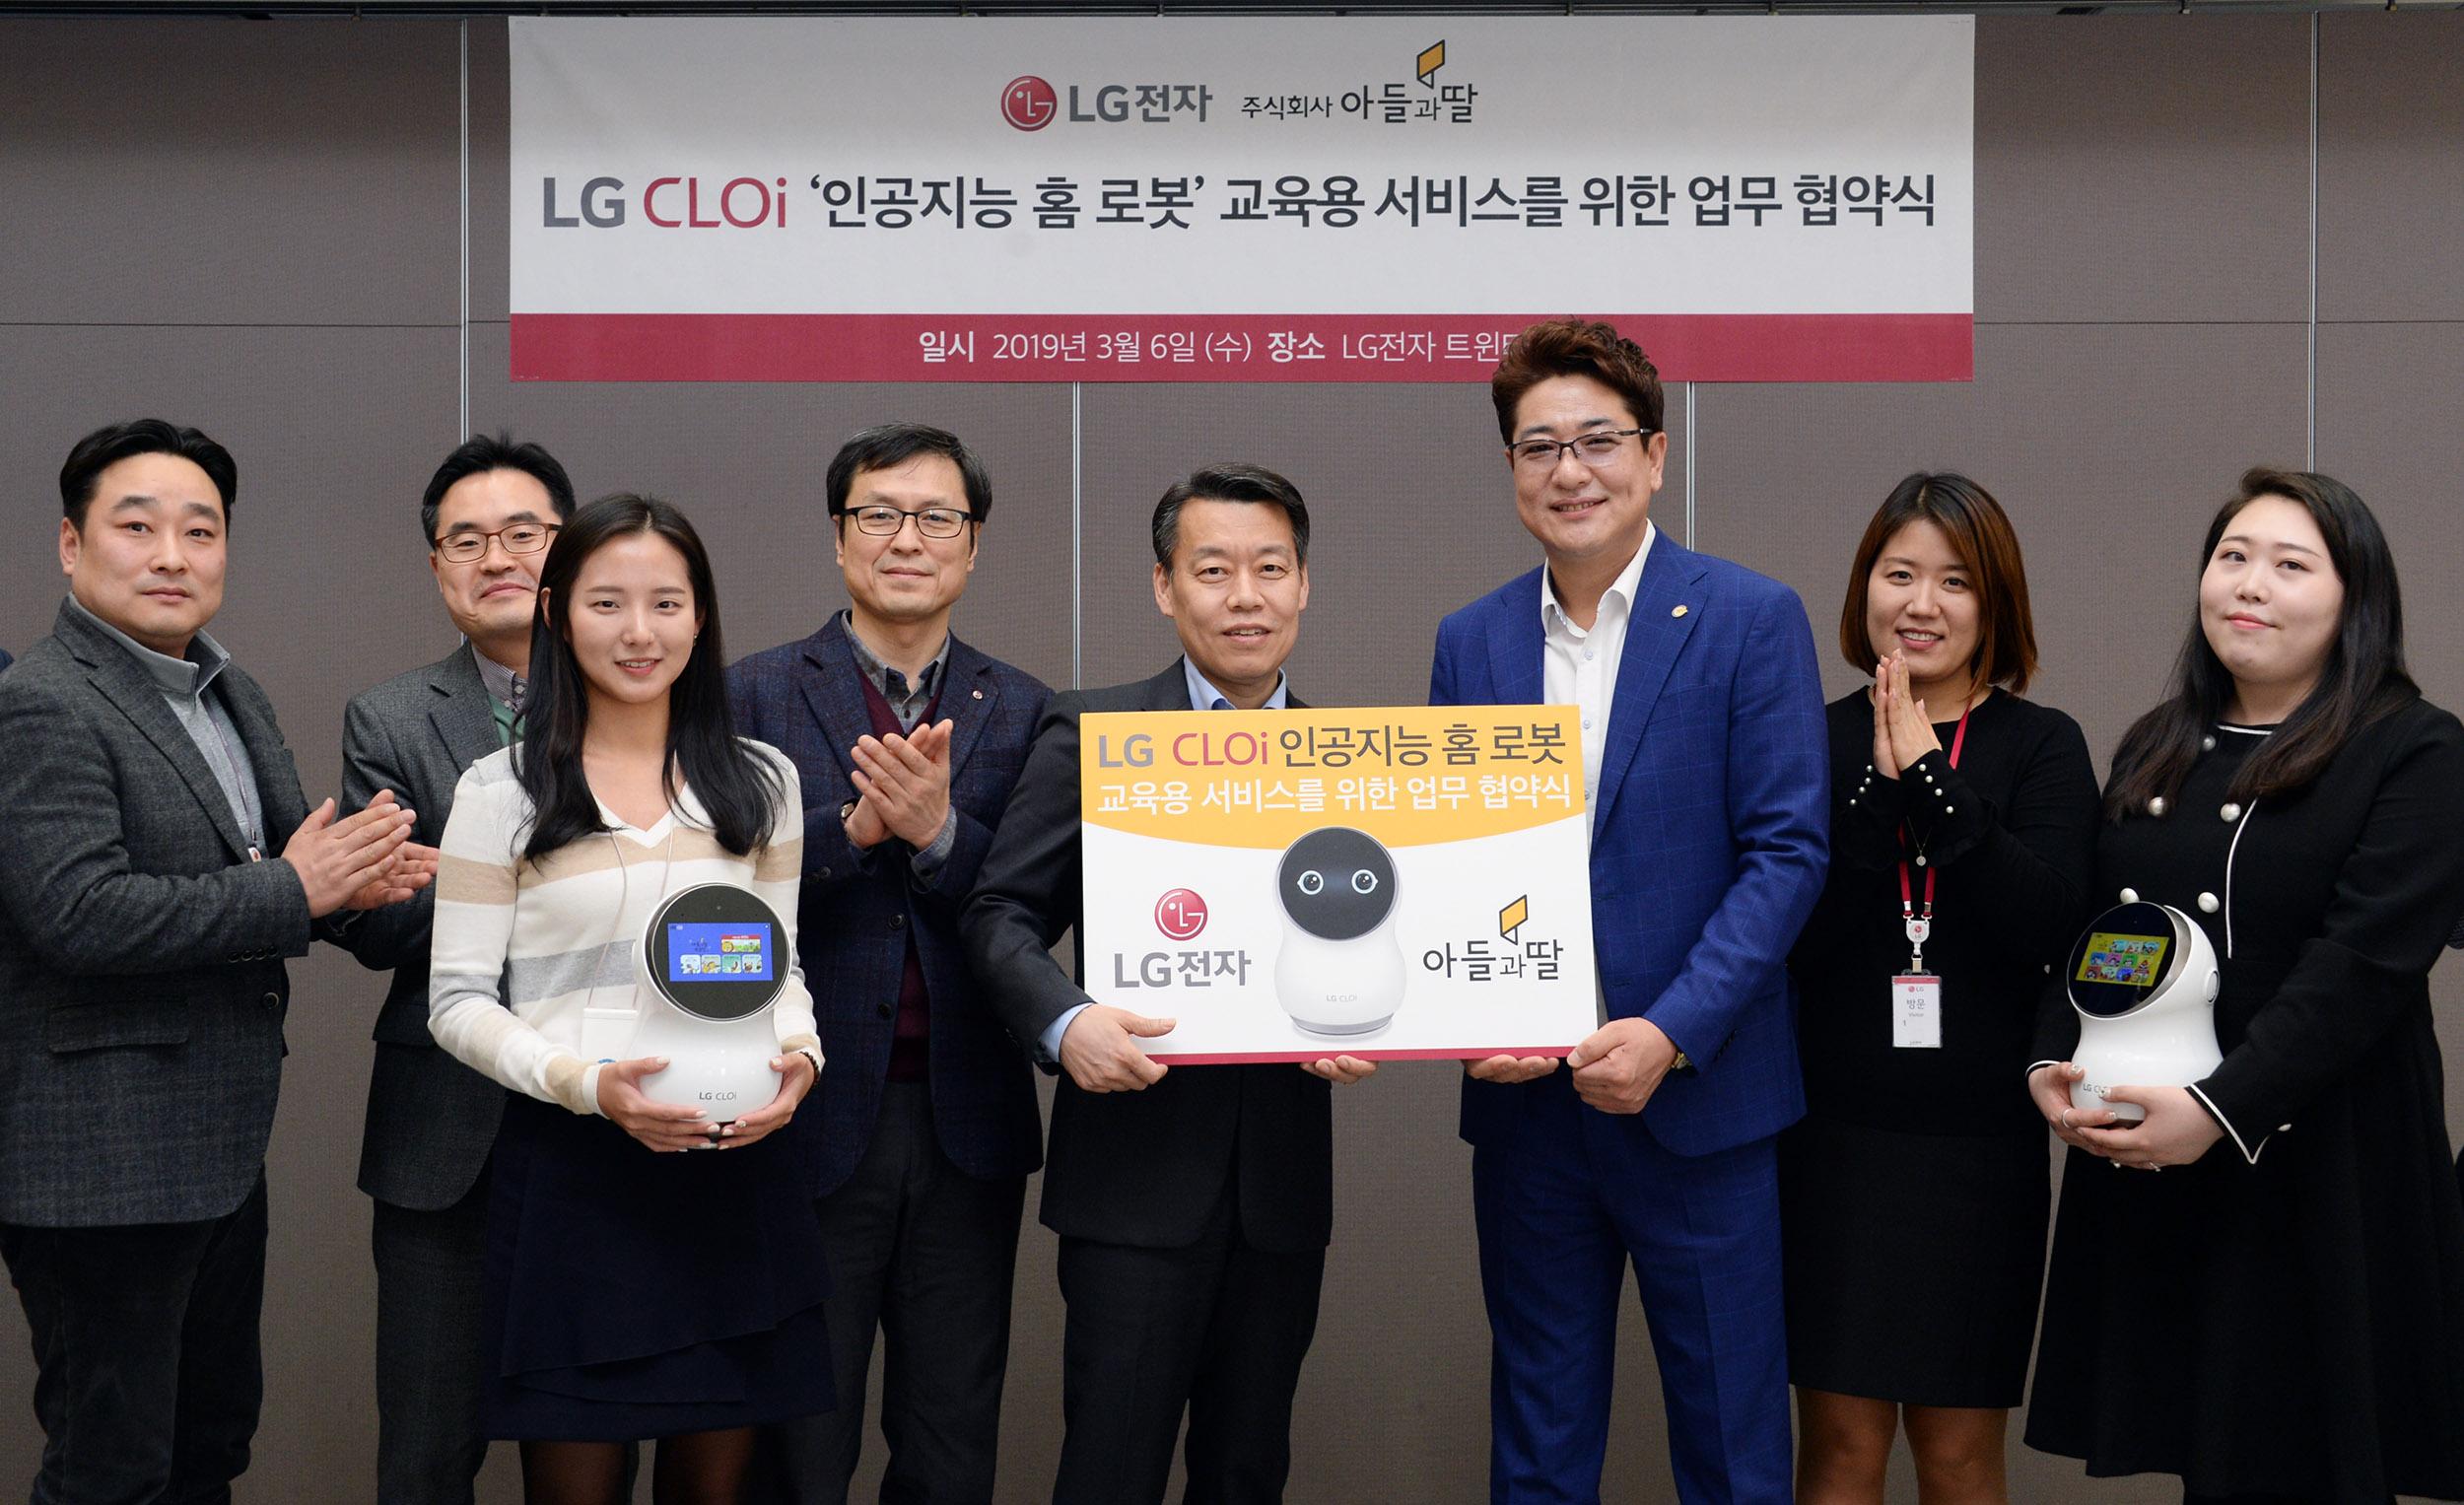 LG전자와 아들과딸社는 6일 서울 여의도에 위치한 LG트윈타워에서 LG전자 노진서 로봇사업센터장(왼쪽에서 다섯번째), 아들과딸社 조진석 대표(왼쪽에서 여섯번째) 등 양사 관계자들이 참석한 가운데 'LG 클로이 인공지능 홈 로봇 교육용 서비스를 위한 업무 협약'을 맺었다. 양사는 LG전자가 개발하는 인공지능 로봇 'LG 클로이'에 아들과딸社의 아동용 도서앱 '아들과딸북클럽'을 탑재해 차별화된 교육용 콘텐츠를 제공할 계획이다.